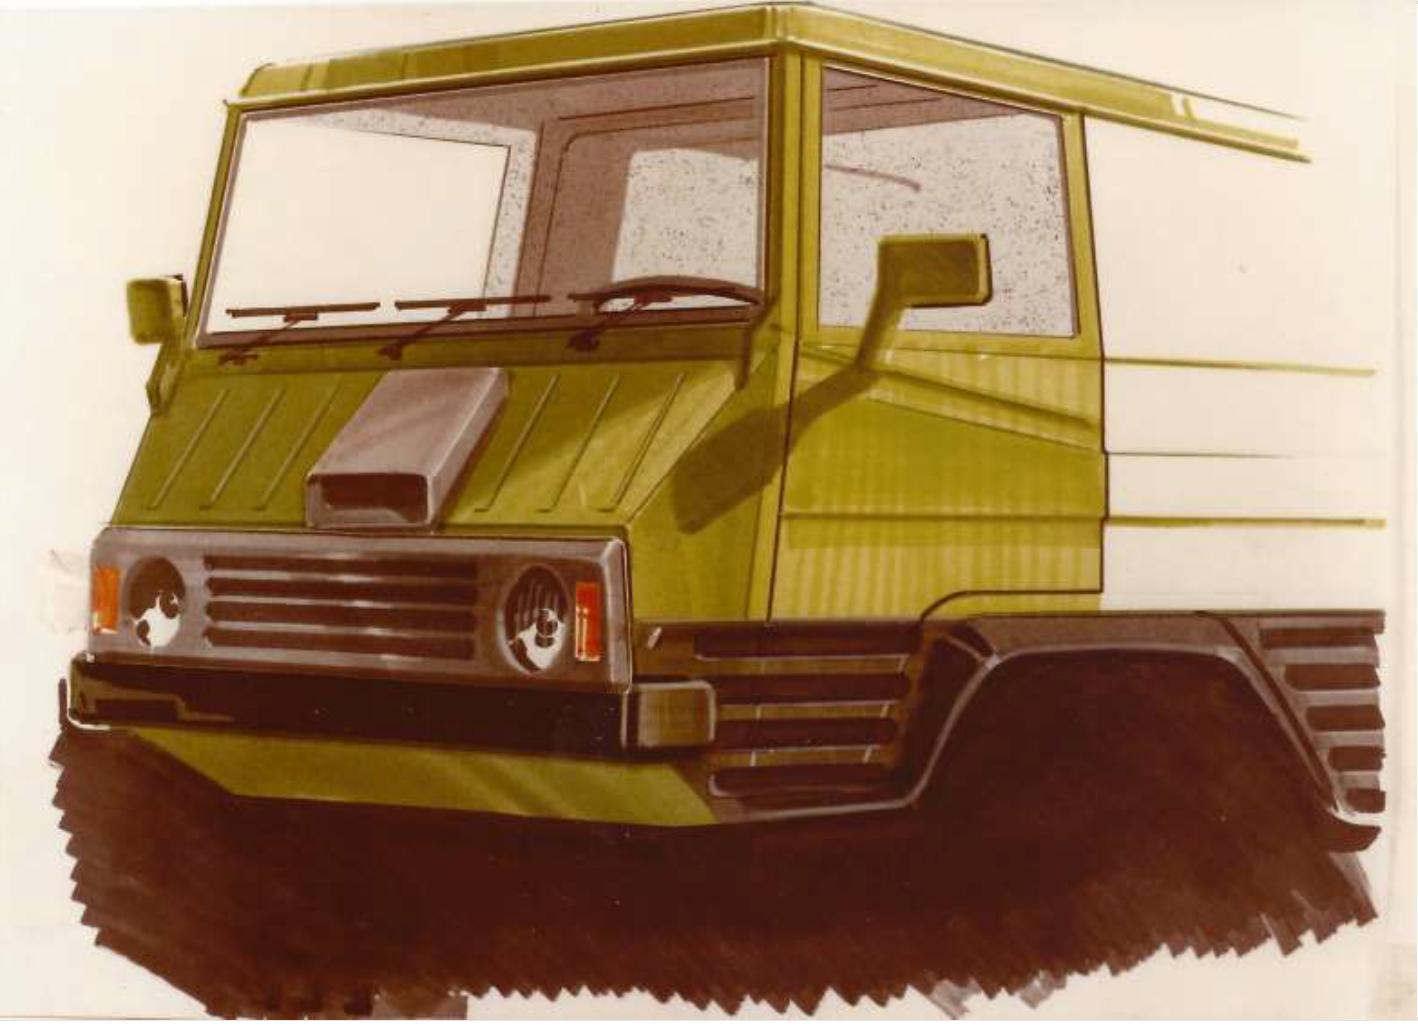 Pinzgauer design study (1980)